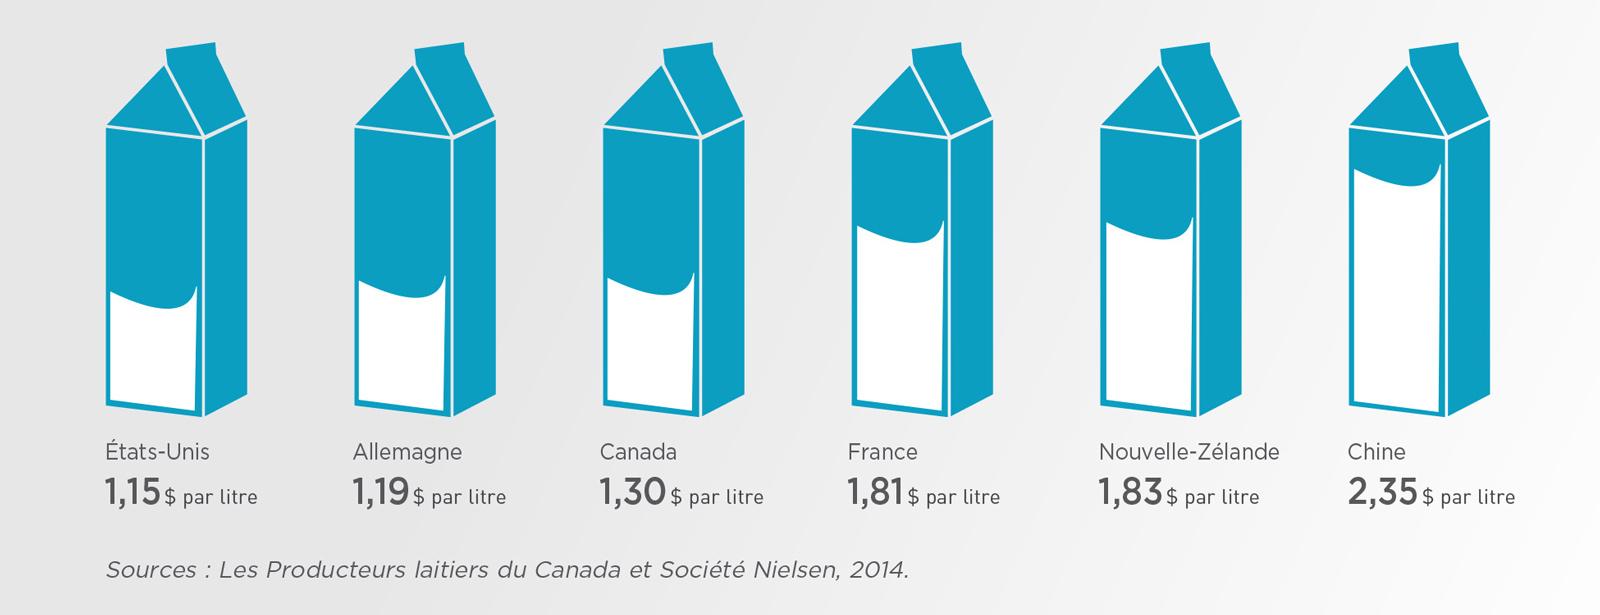 Infographie : Prix de détail pondéré du lait